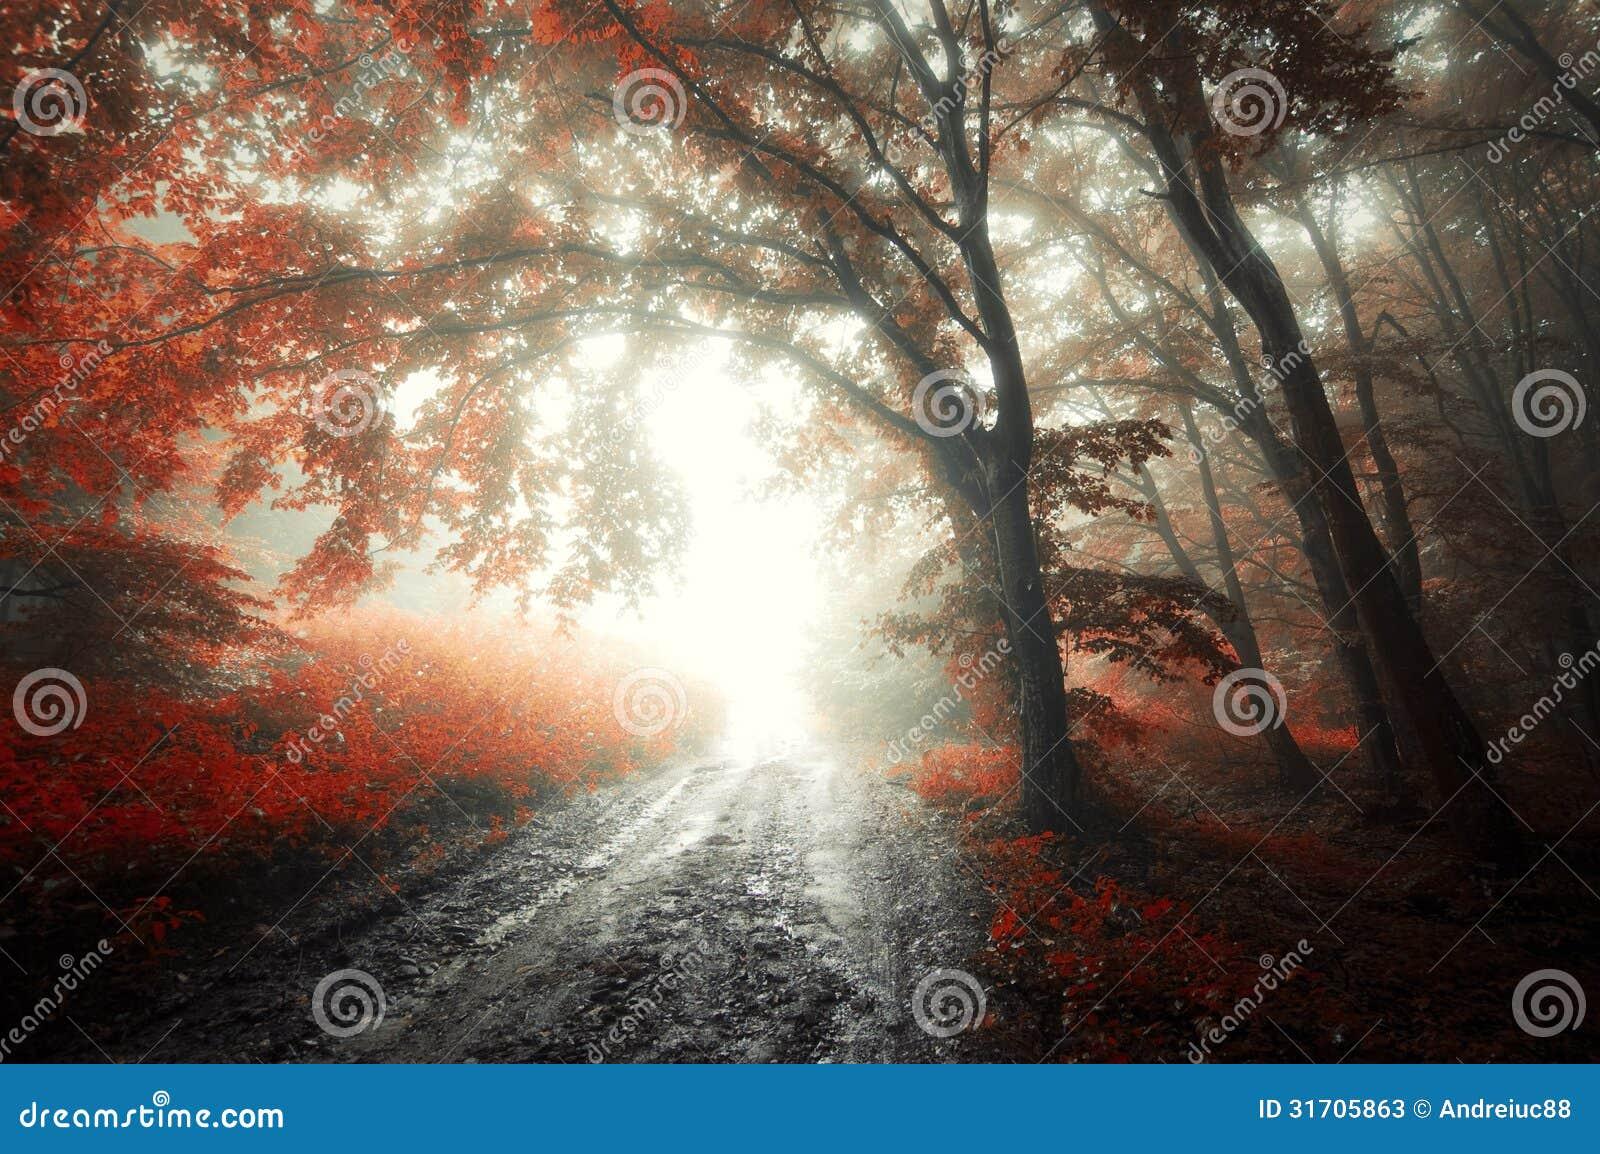 Roter Wald mit Nebel im Herbst